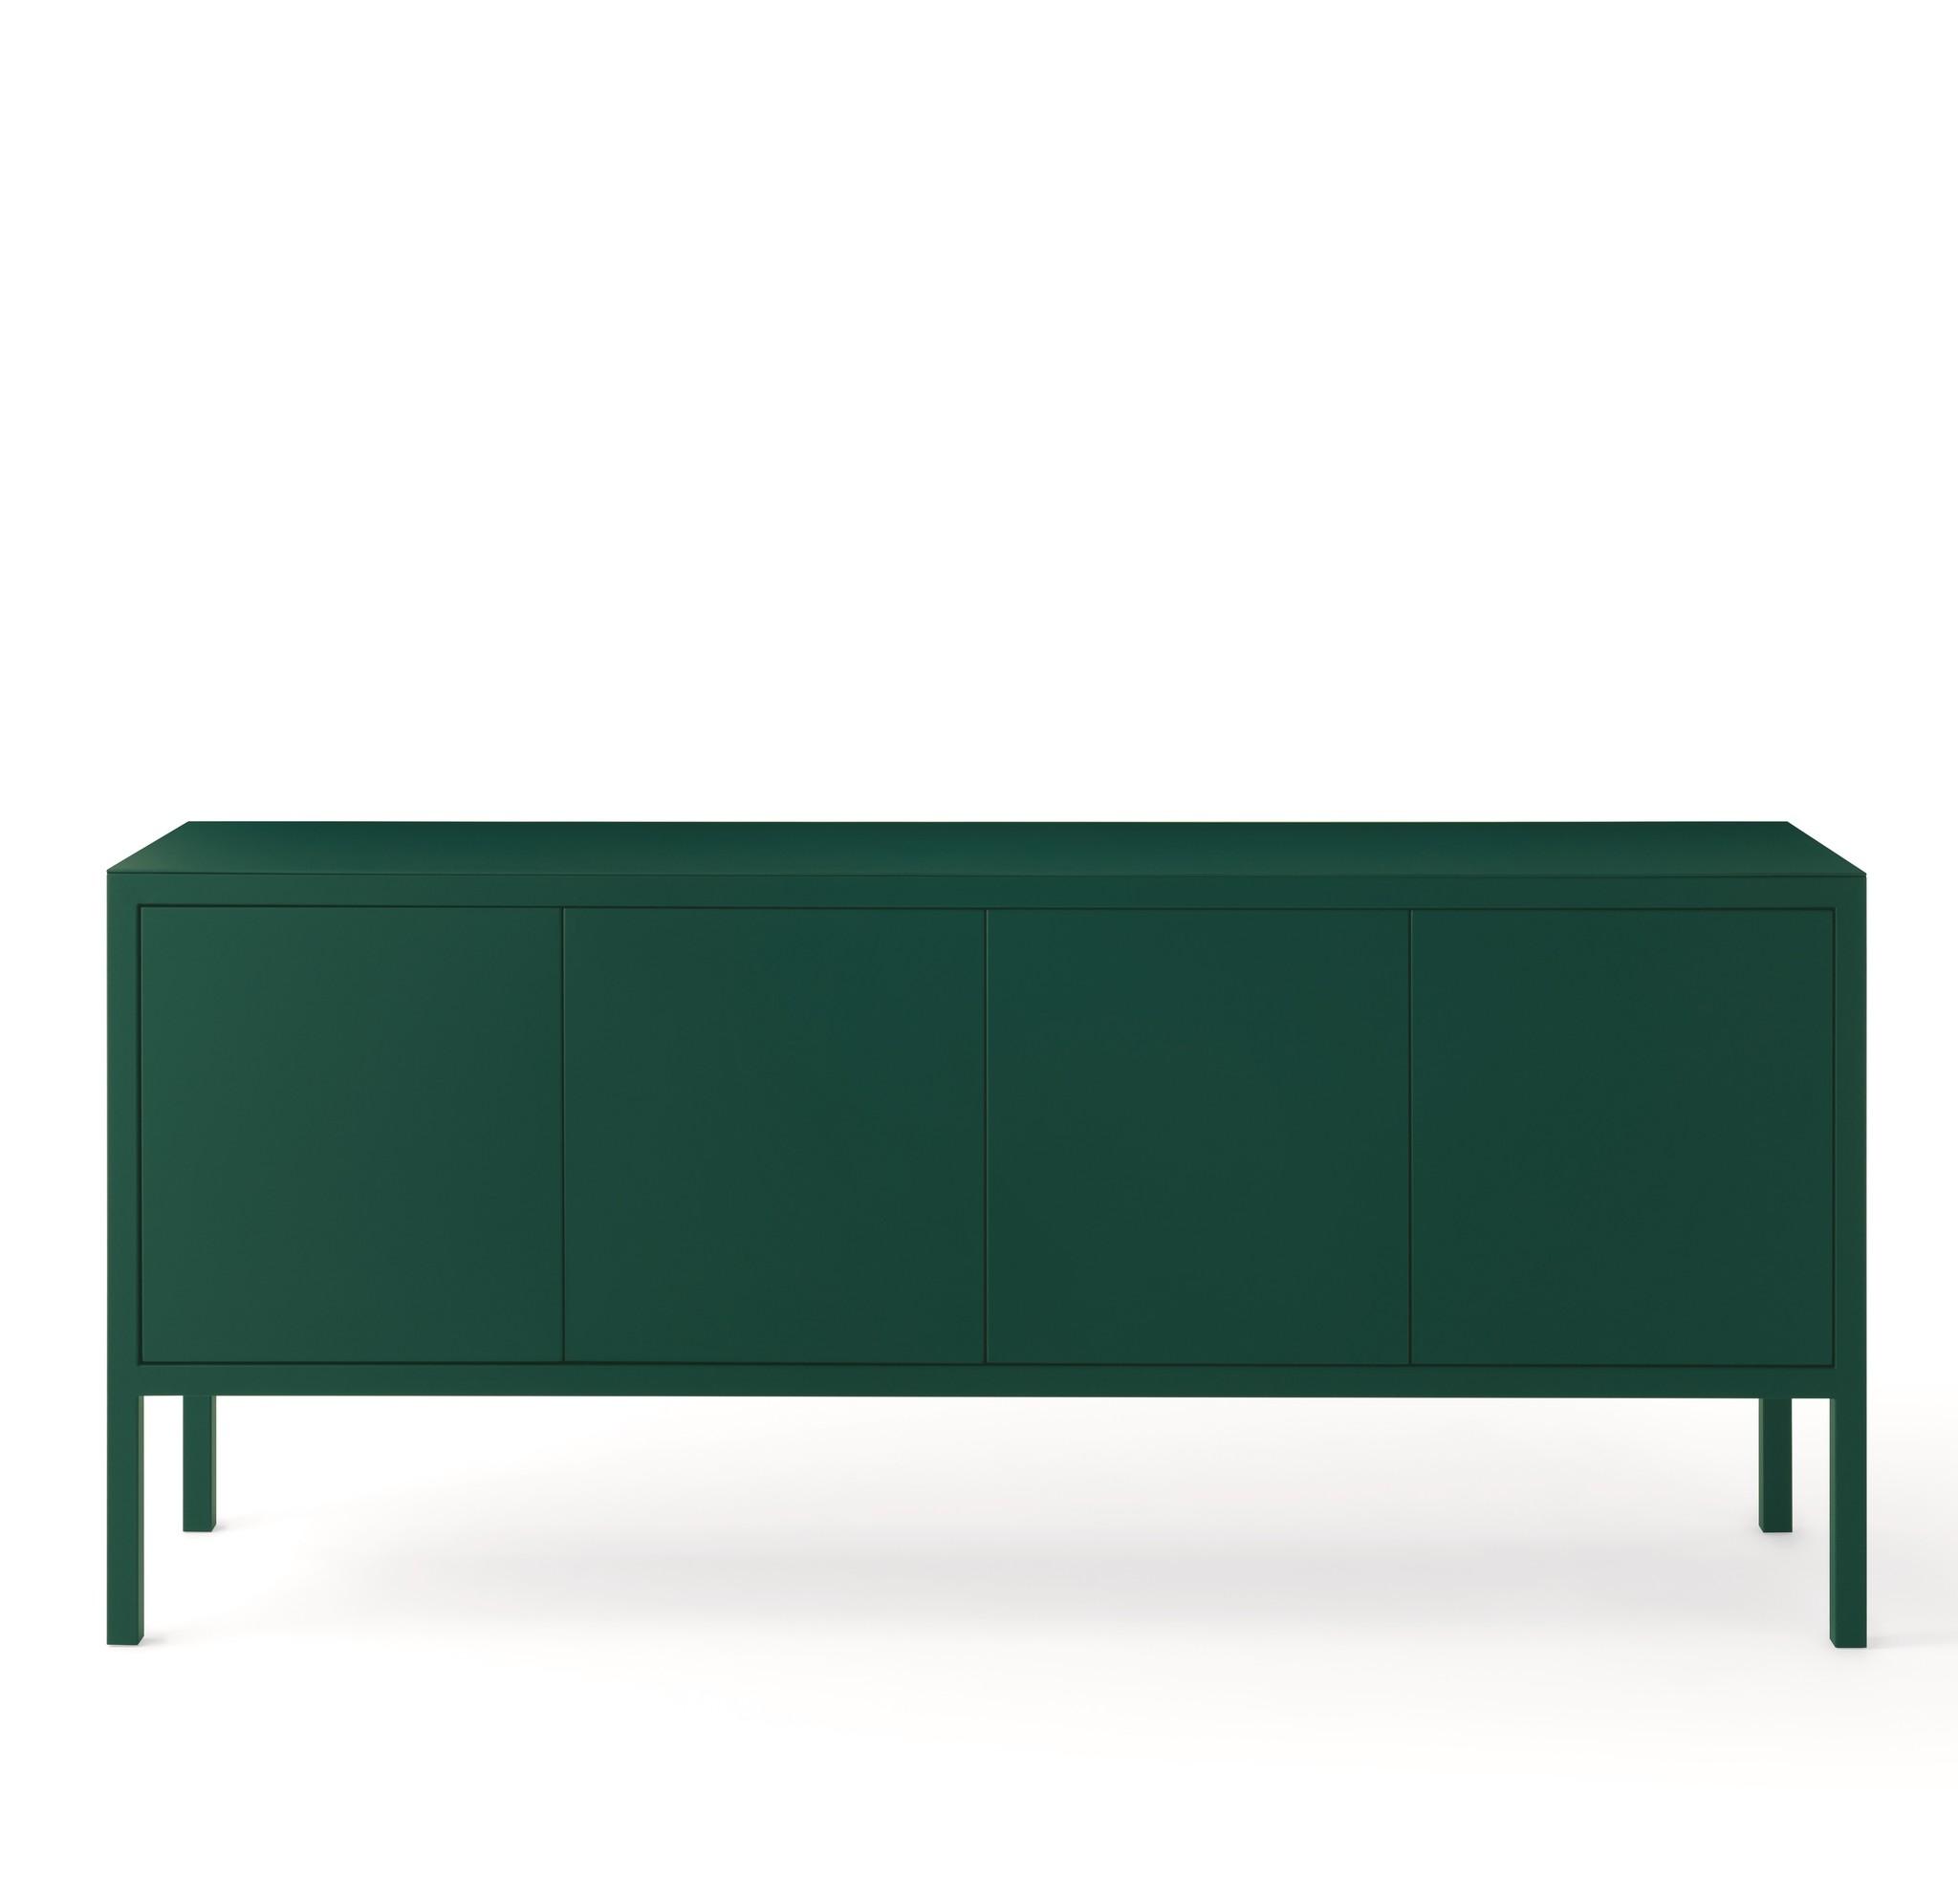 Ongebruikt Fantin Frame metalen dressoir met 4 deuren - Design Online Meubels RT-42